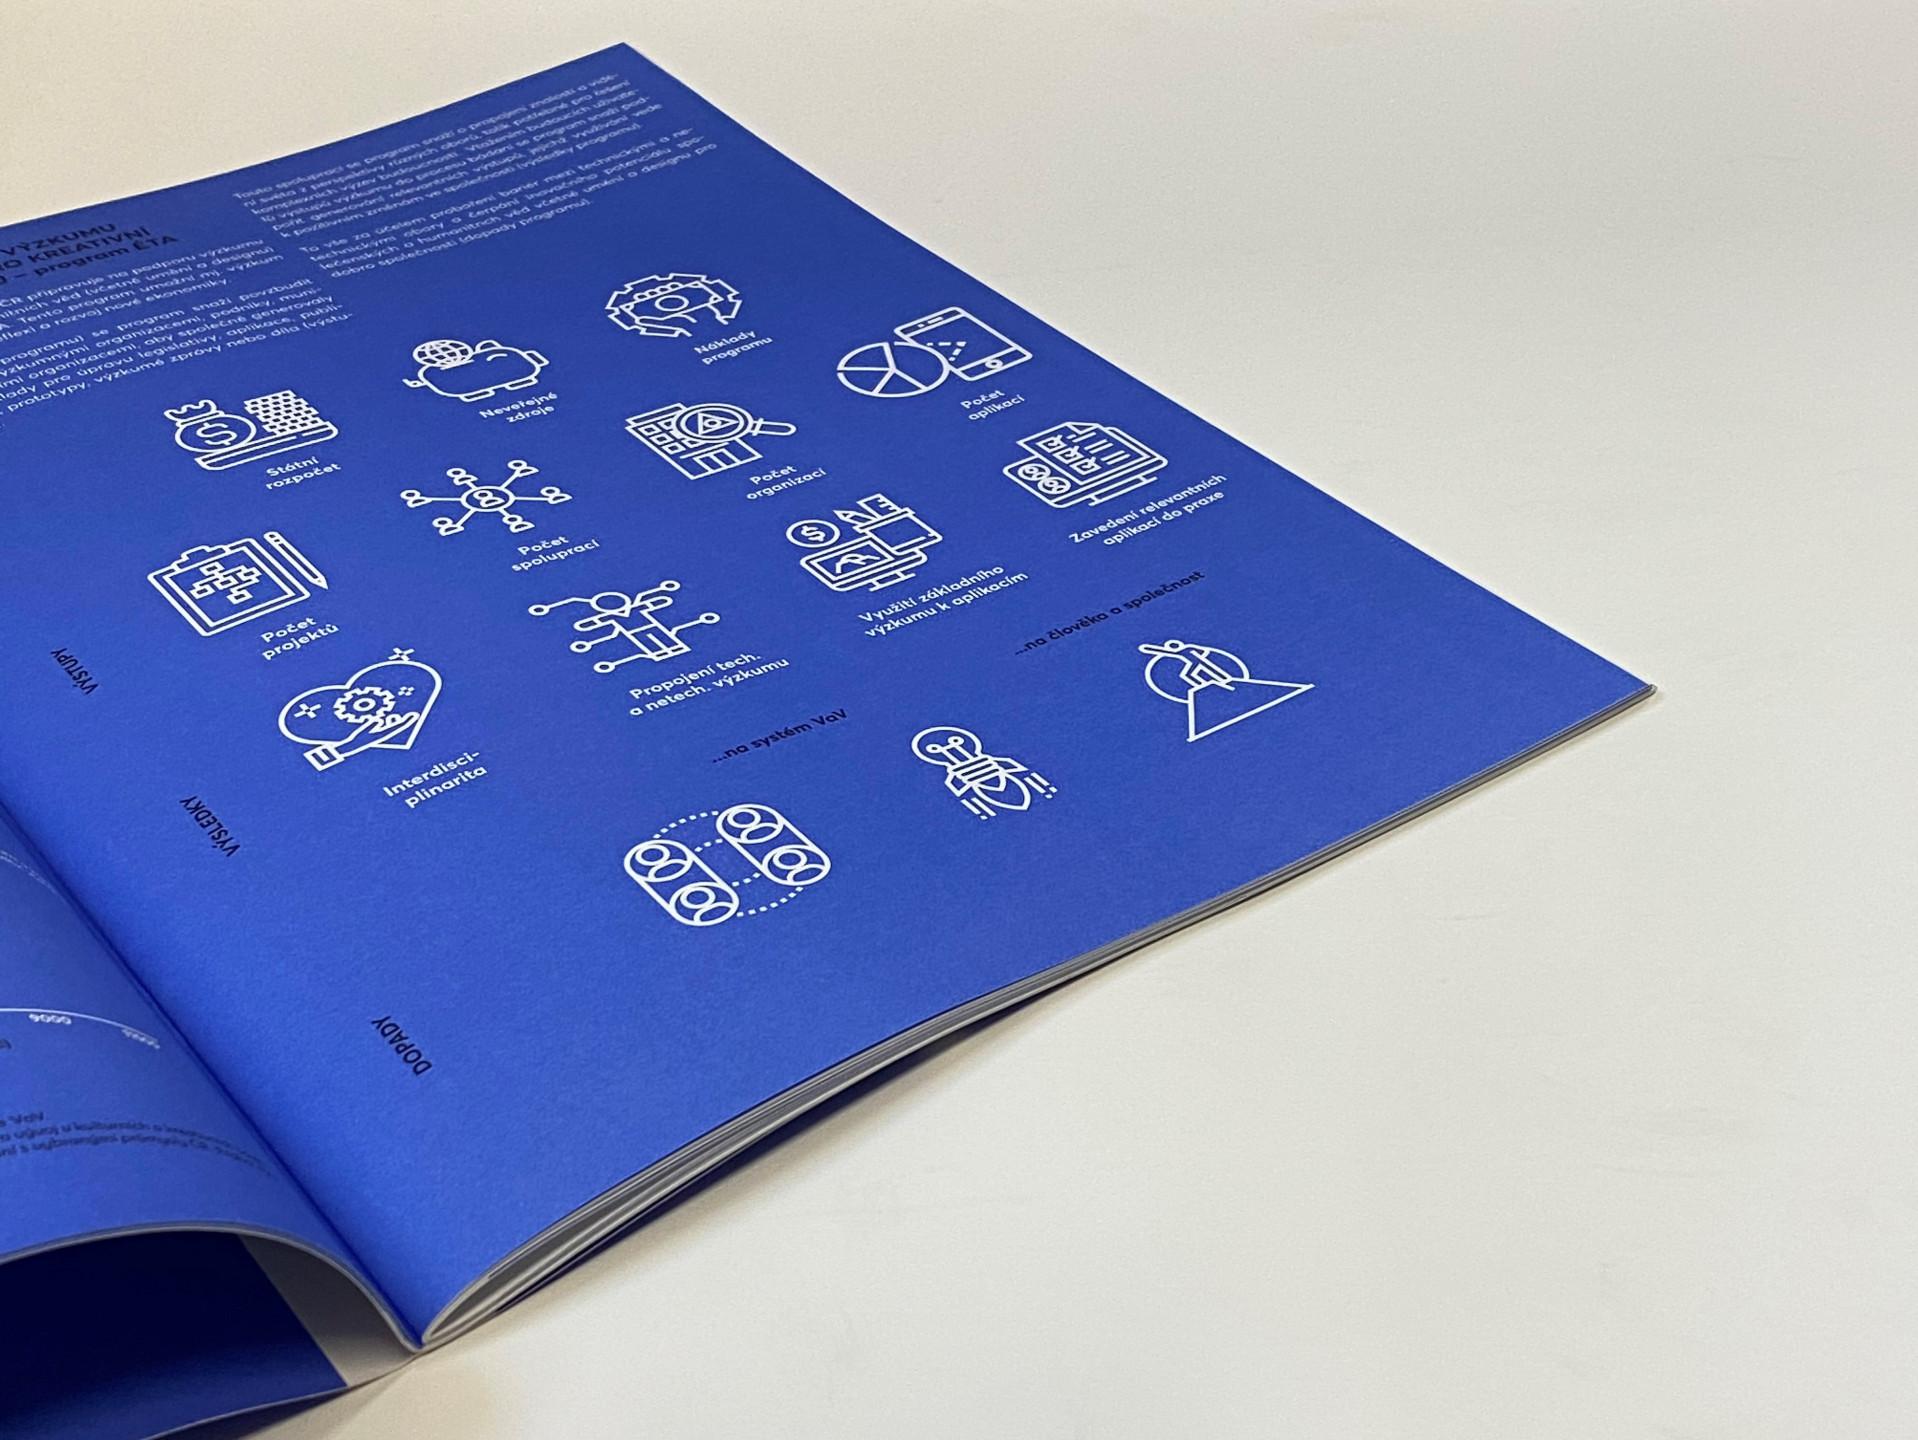 Čítanka kreativních průmyslů. Edice FUD.  Foto Klára Mrkusová